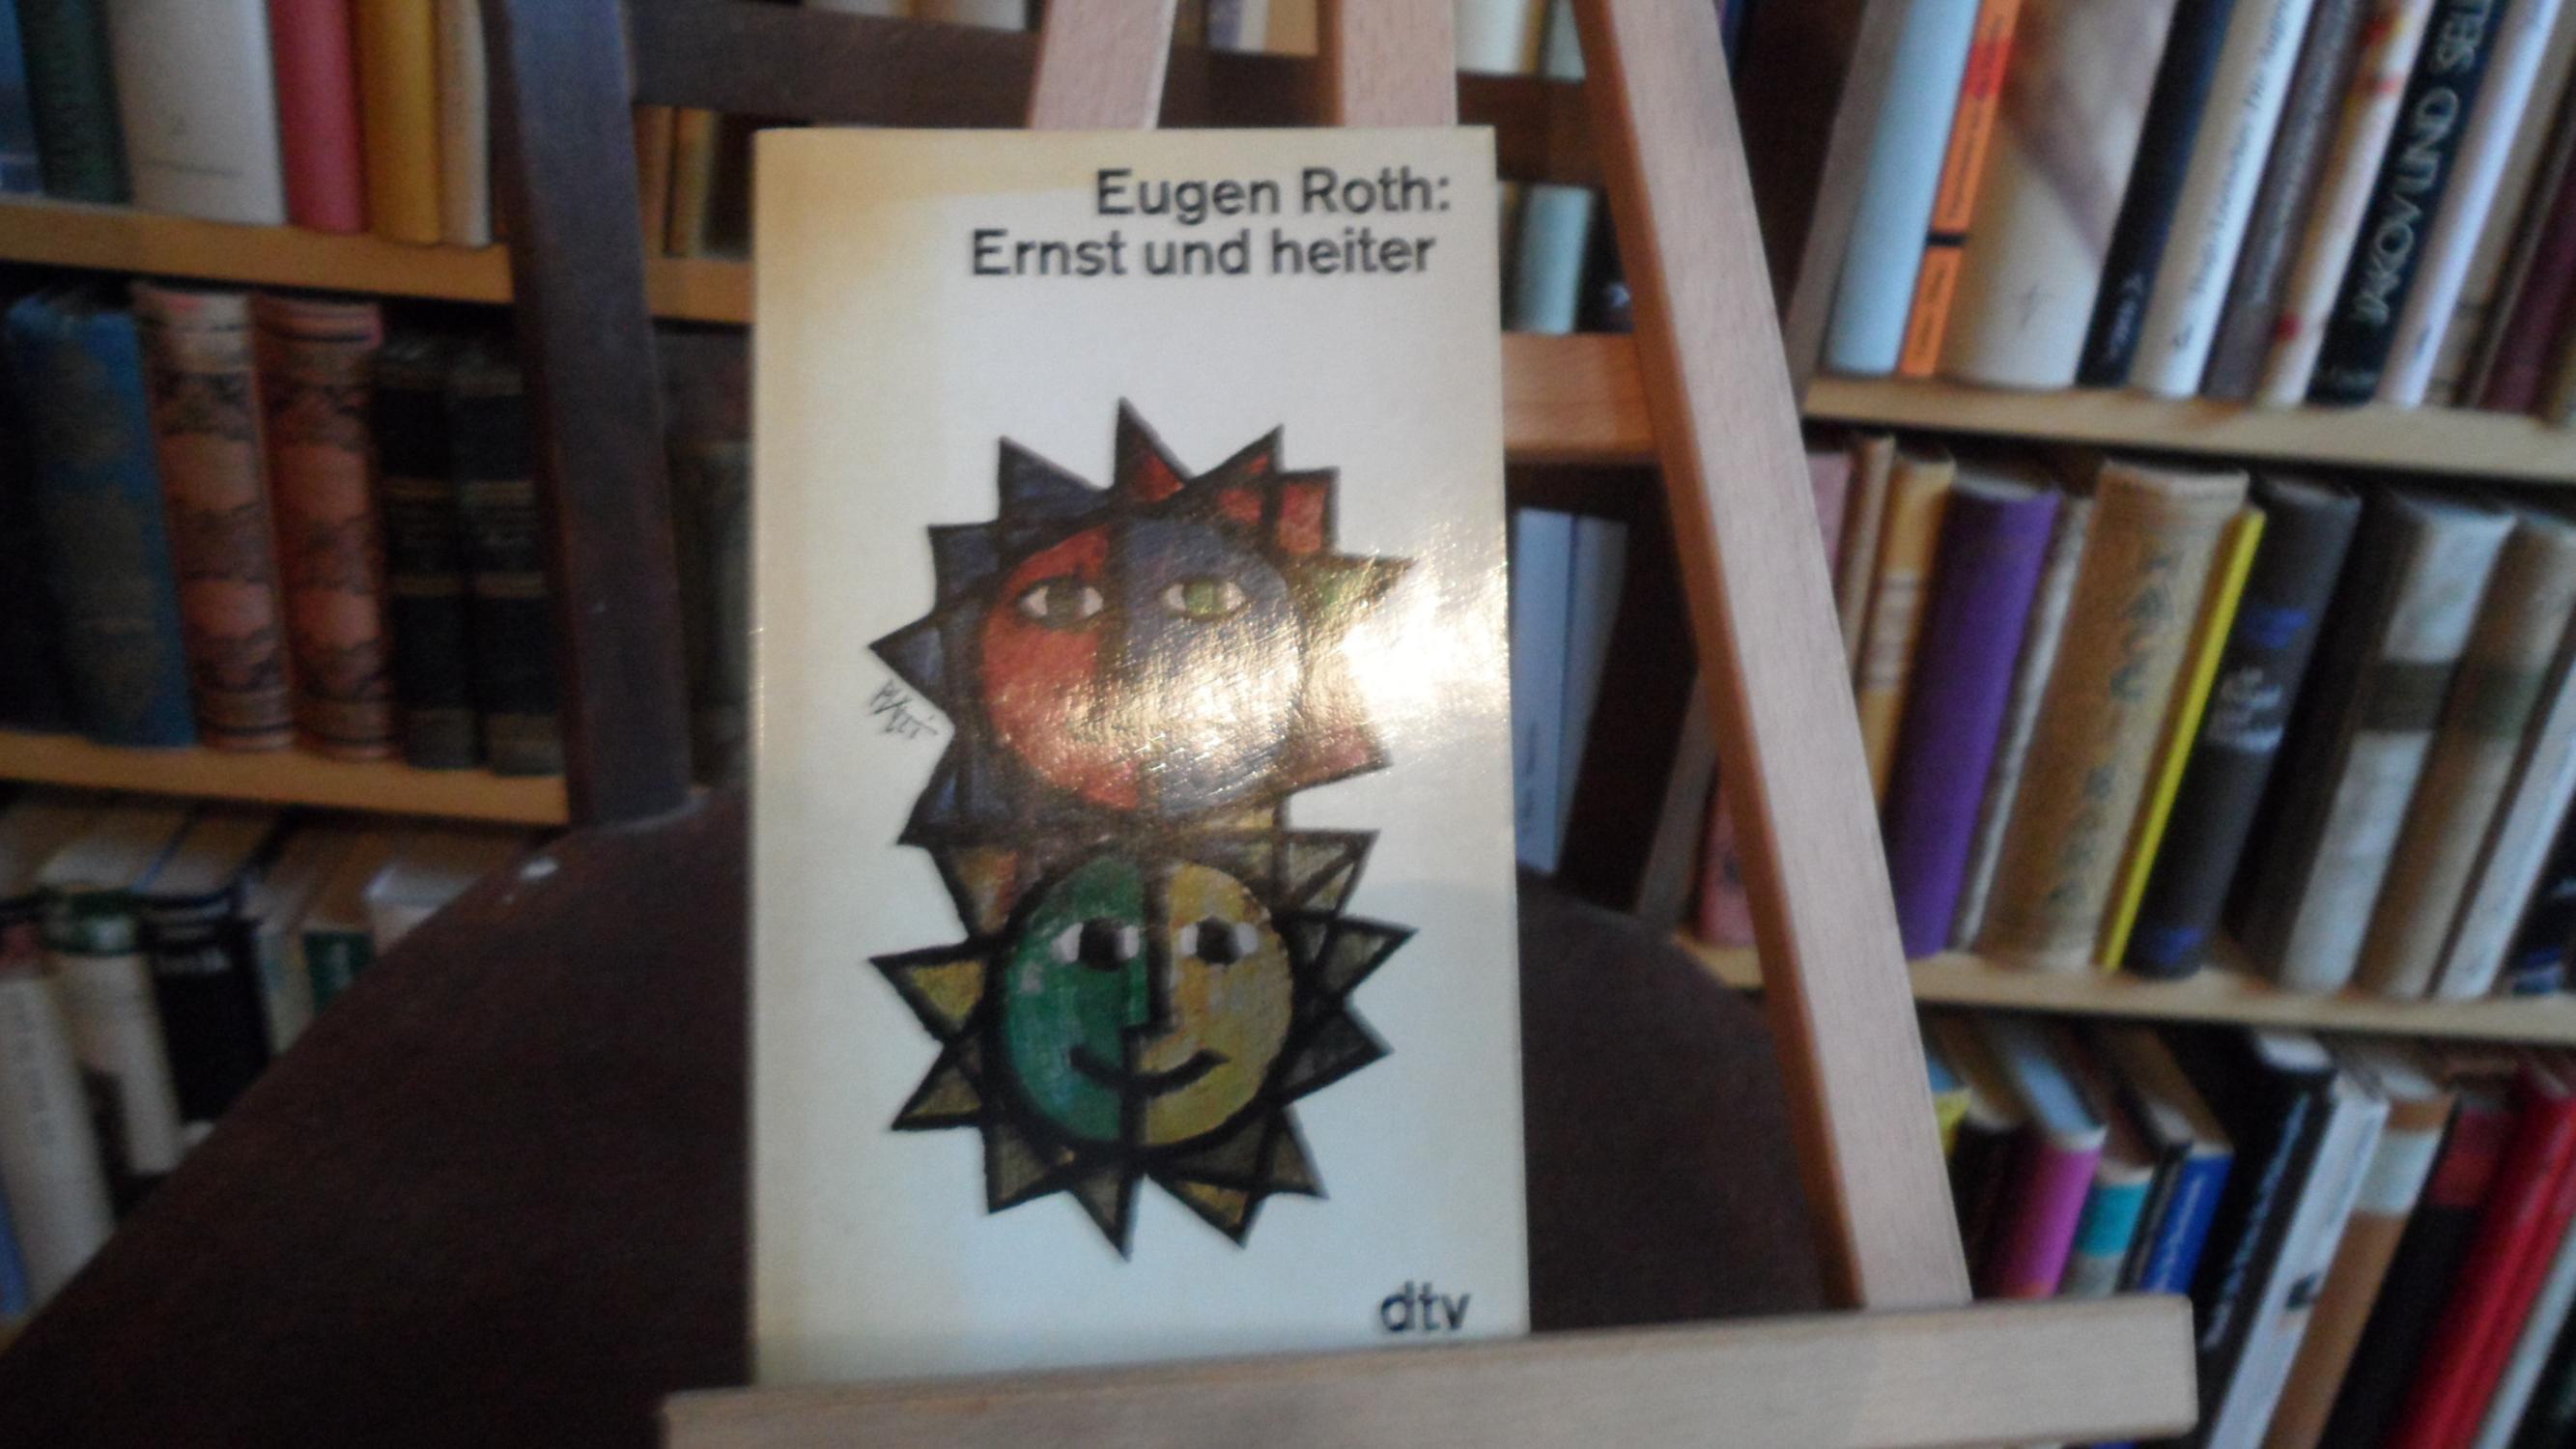 Ernst und heiter.: Roth, Eugen: